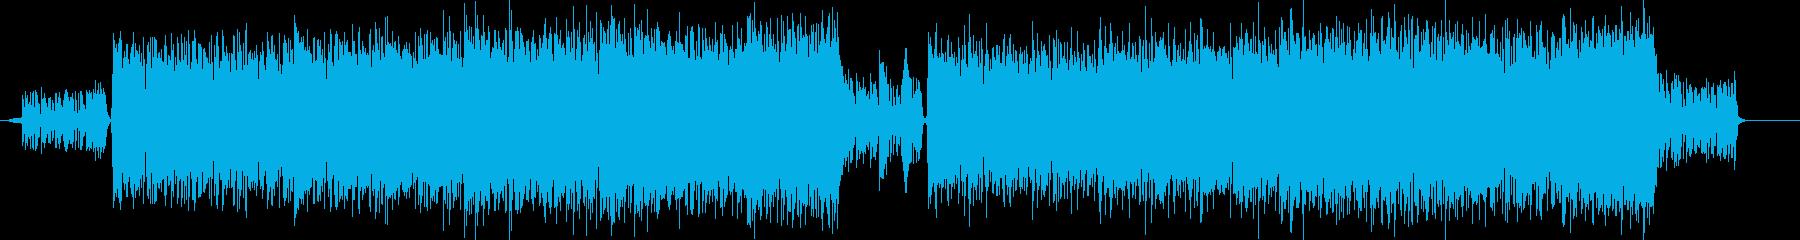 トラップを使ってきそうな中ボス戦の曲の再生済みの波形